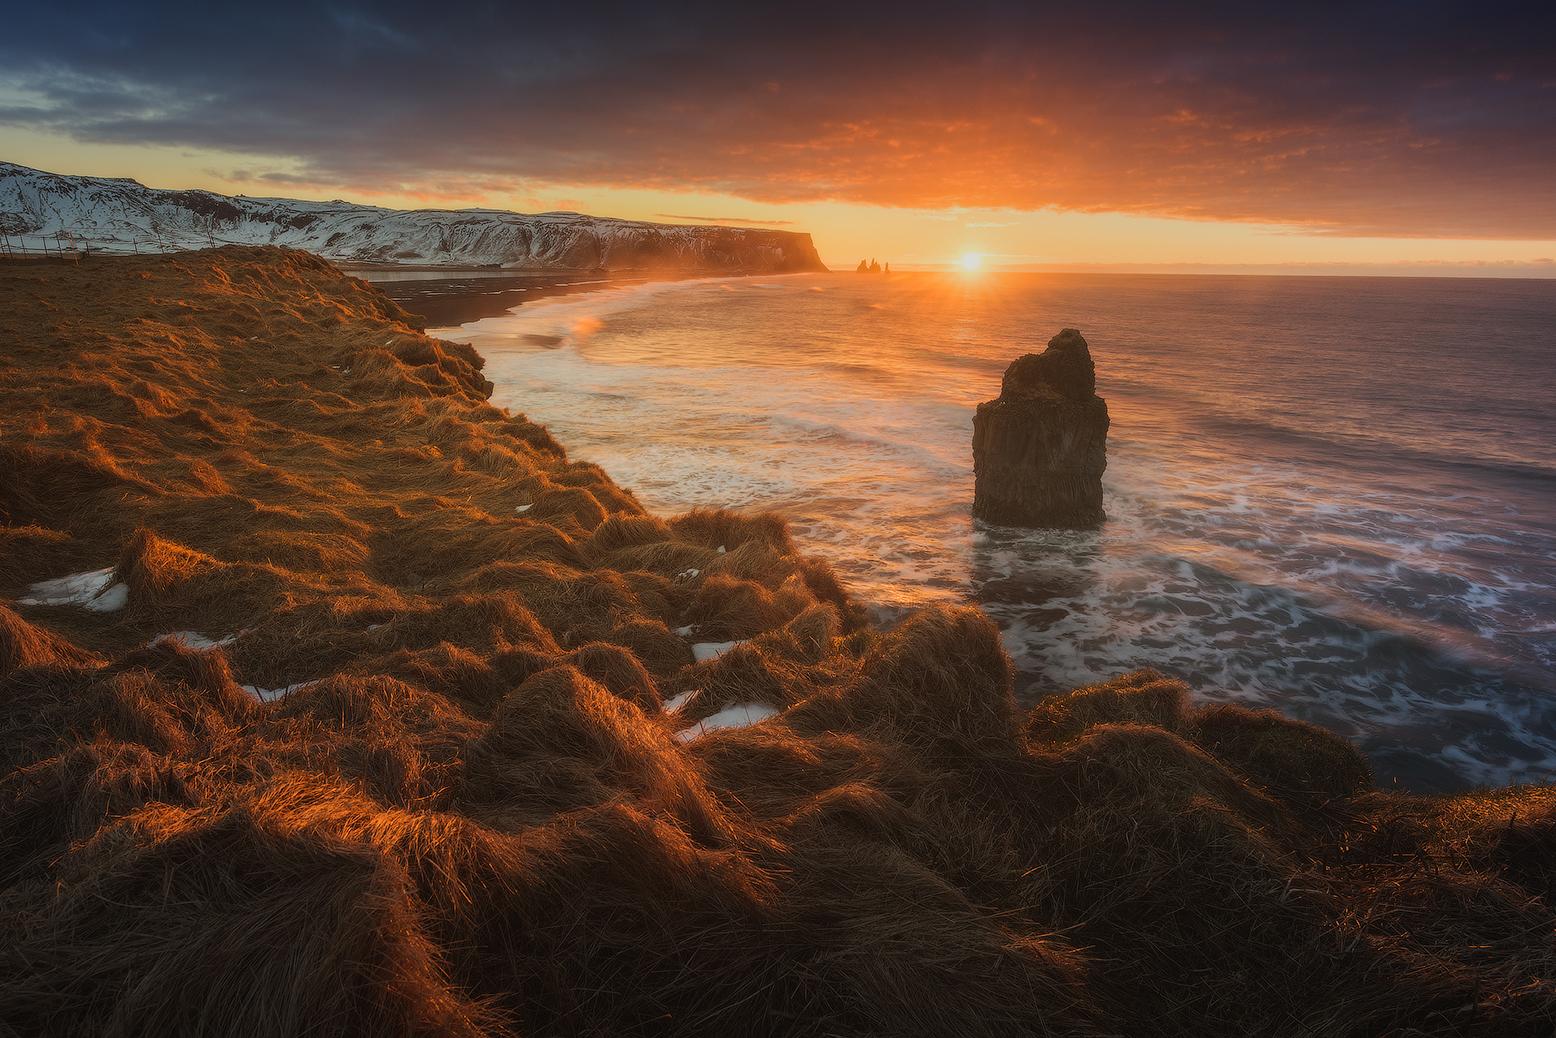 夕阳西下,冰岛南海岸上点缀着引人注目的海柱。